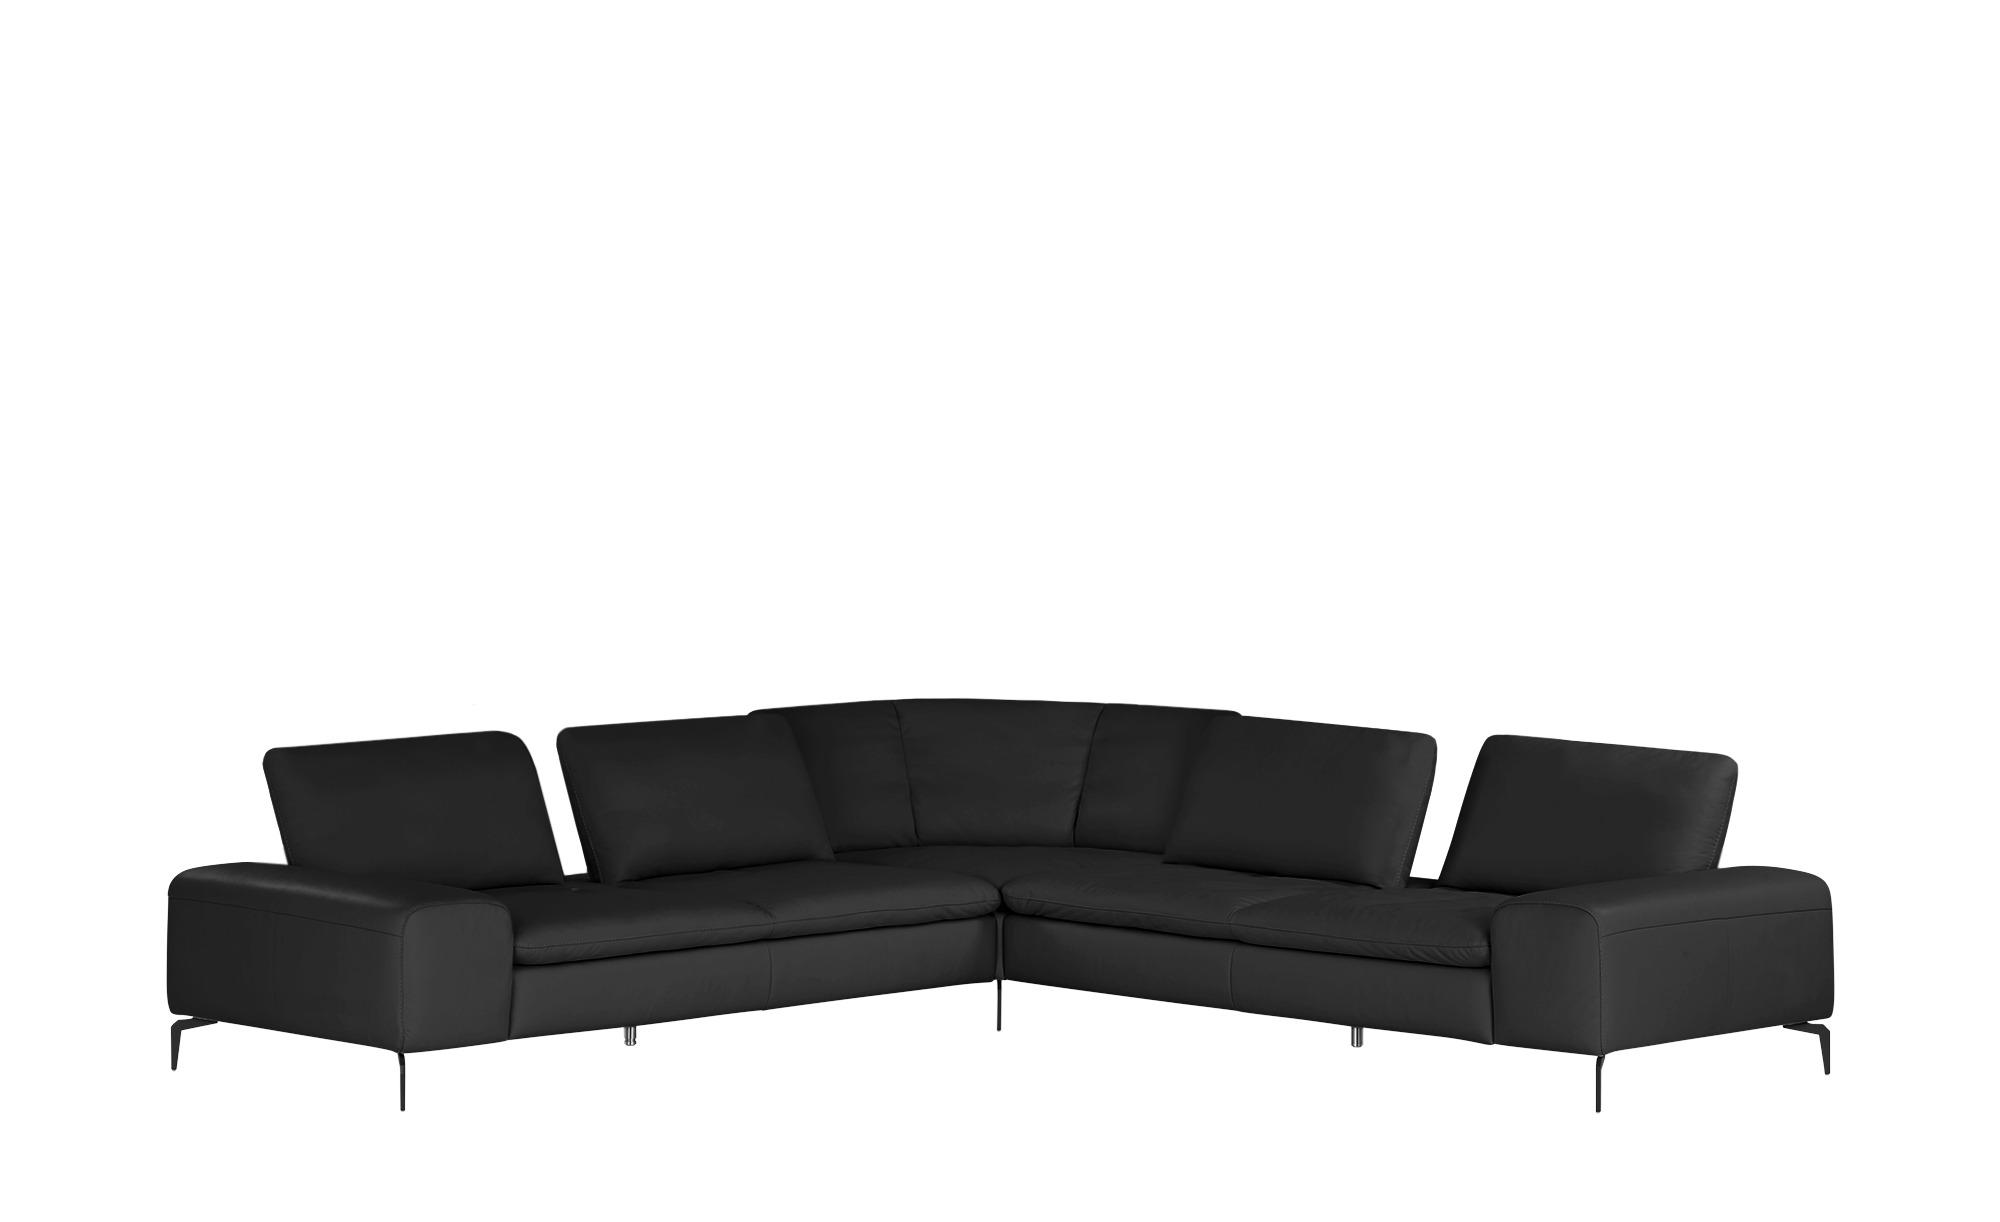 W.SCHILLIG Ecksofa Leder  Valentinoo ¦ schwarz ¦ Maße (cm): H: 83 Polstermöbel > Sofas > Ecksofas - Höffner